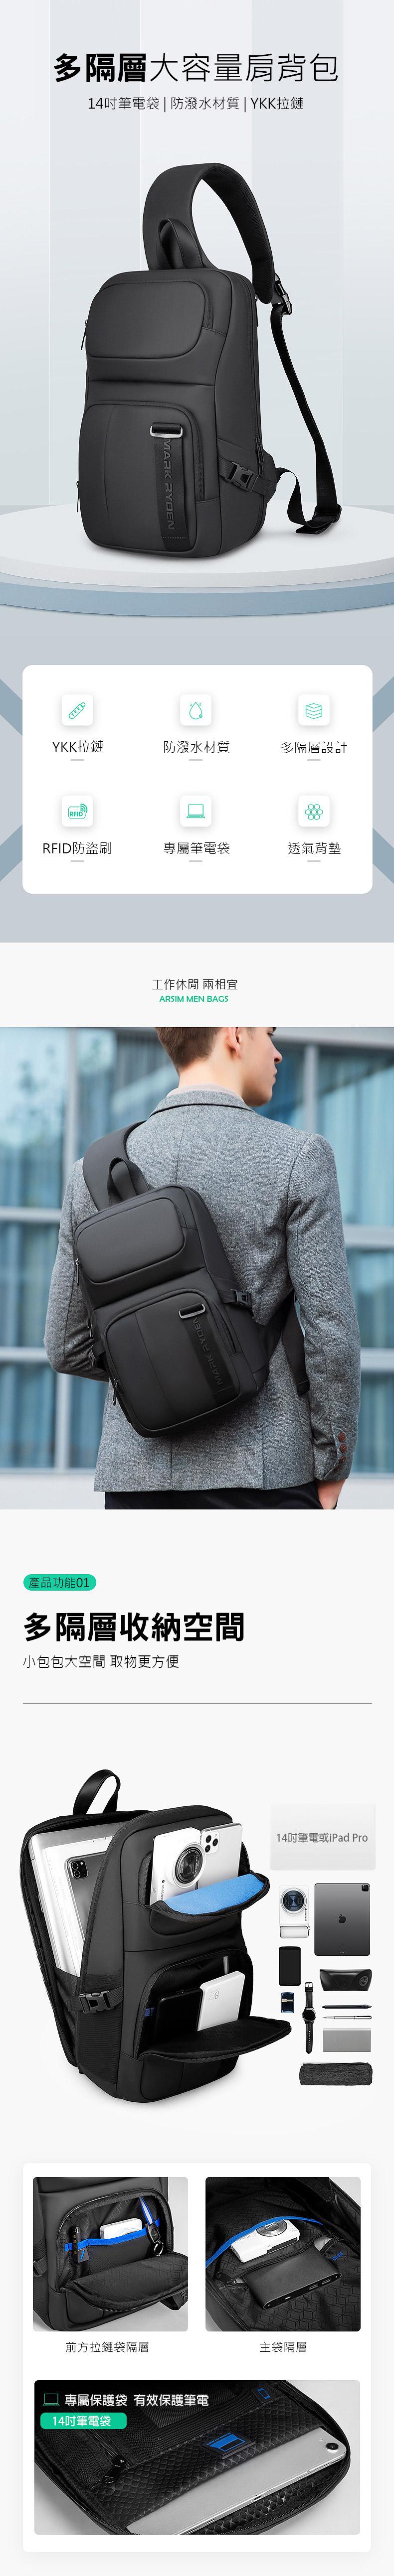 肩背包/胸包尼龍-黑-有容乃大 男包